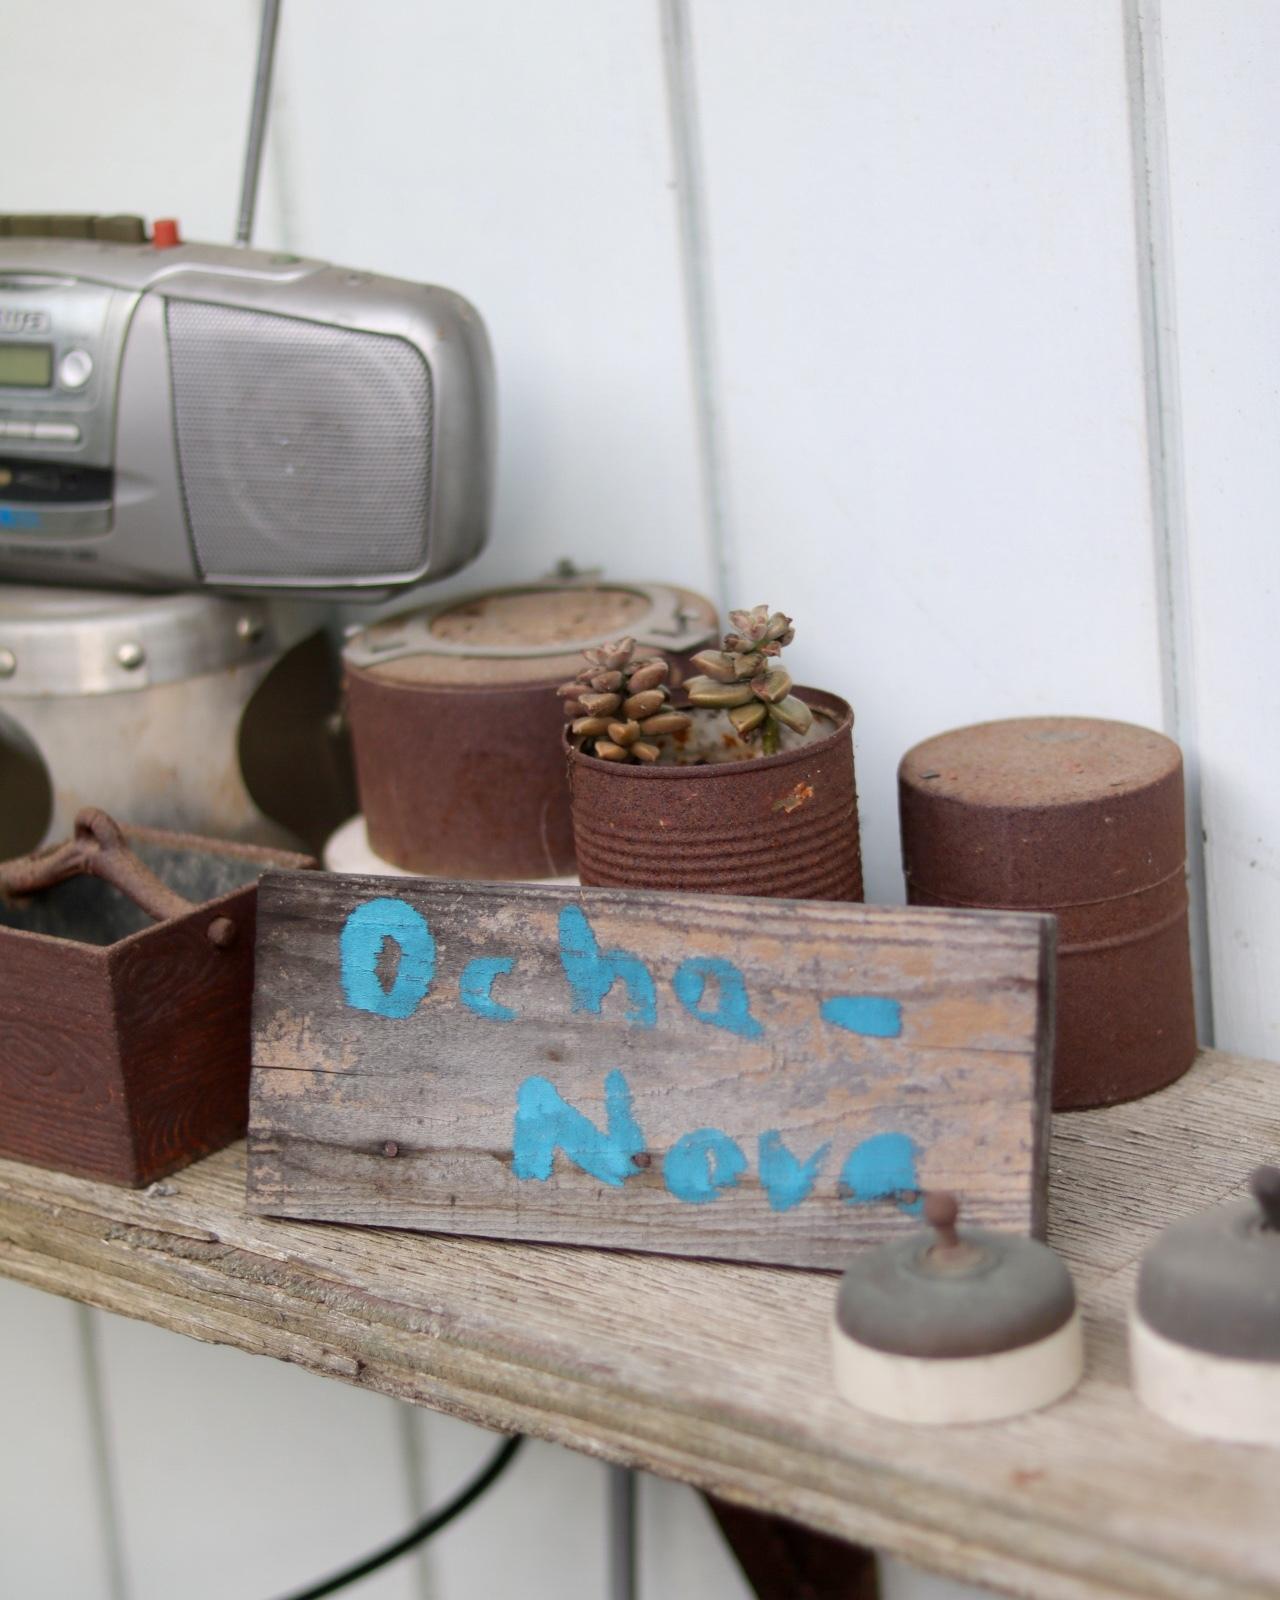 古河市のocha- novaさんでティータイム_c0366722_22280515.jpeg